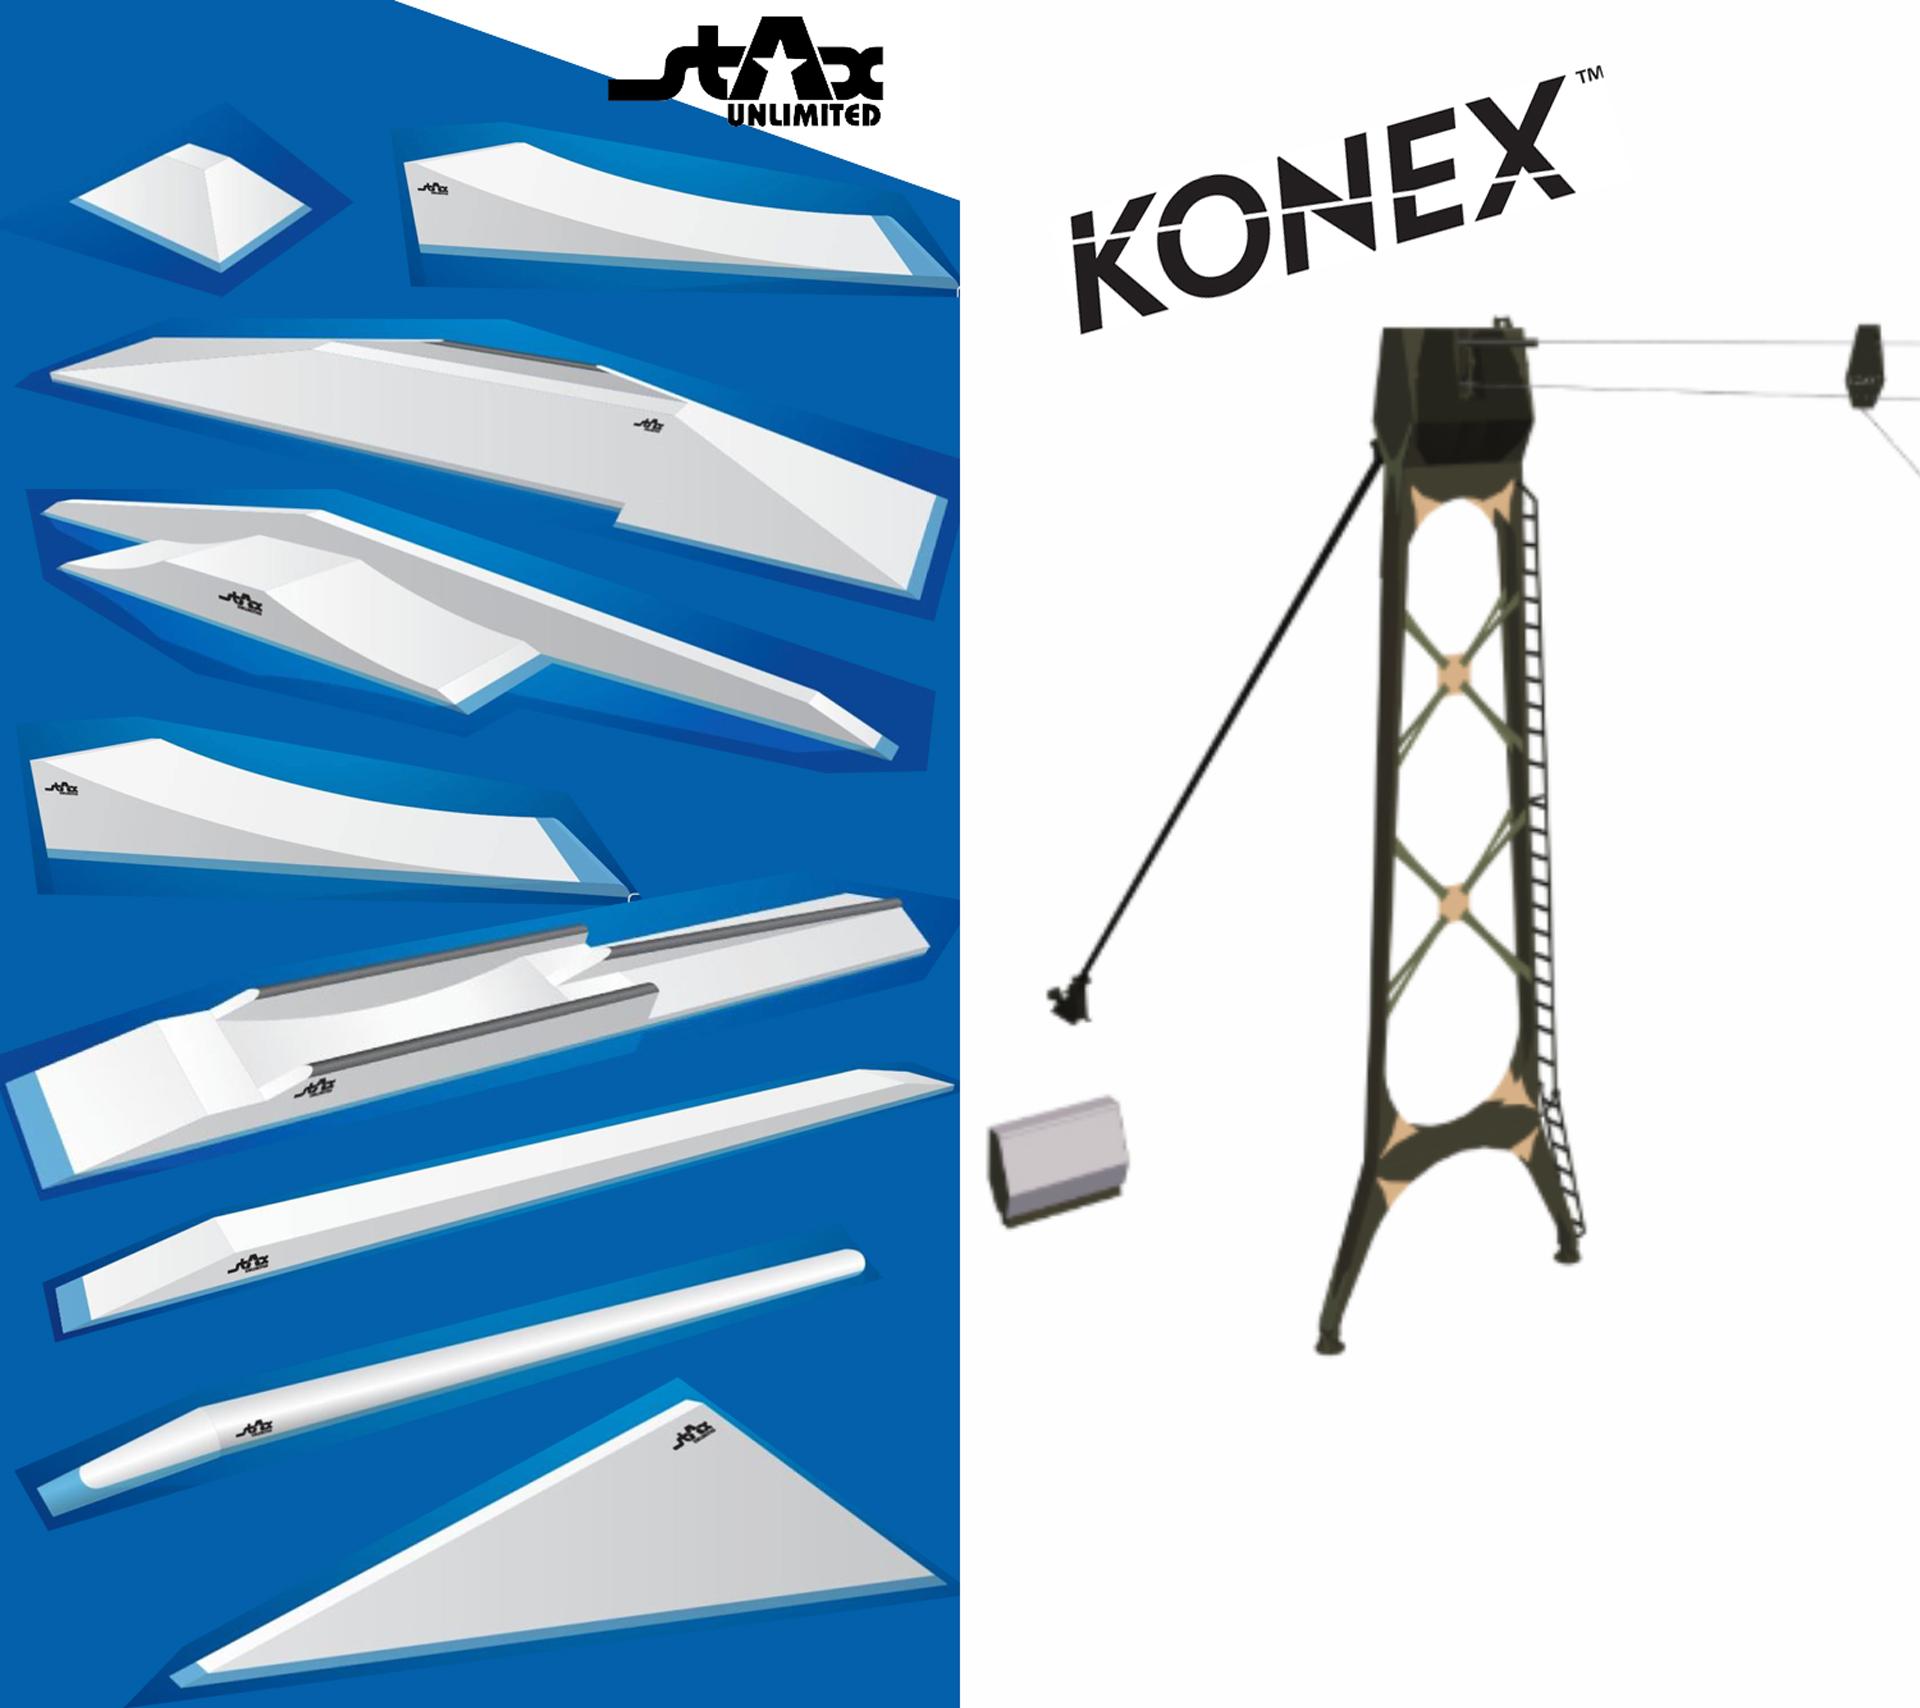 Stax-Konex